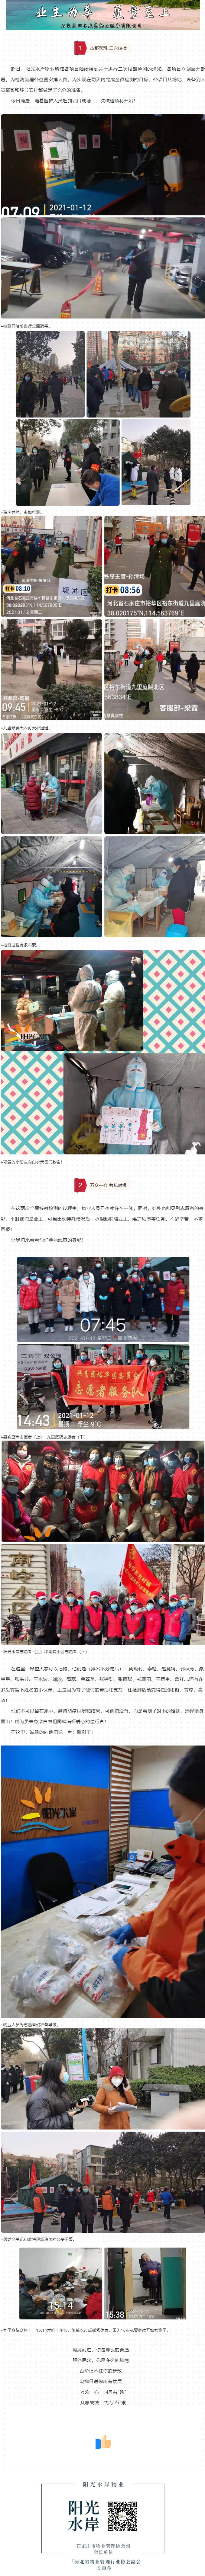 防疫日报 冬日里的温馨画卷.png